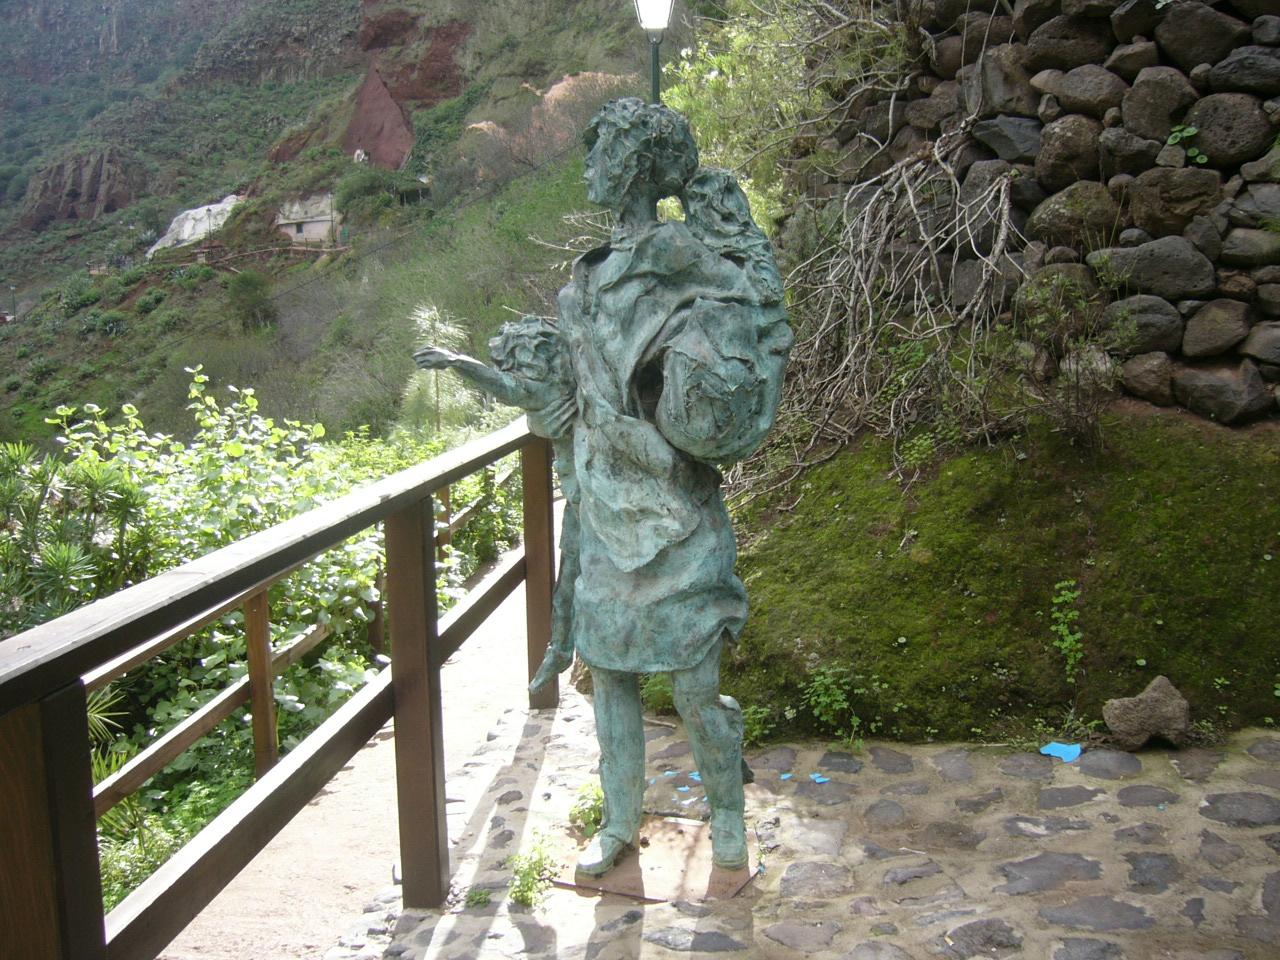 esculturas-figuras11-2.JPG